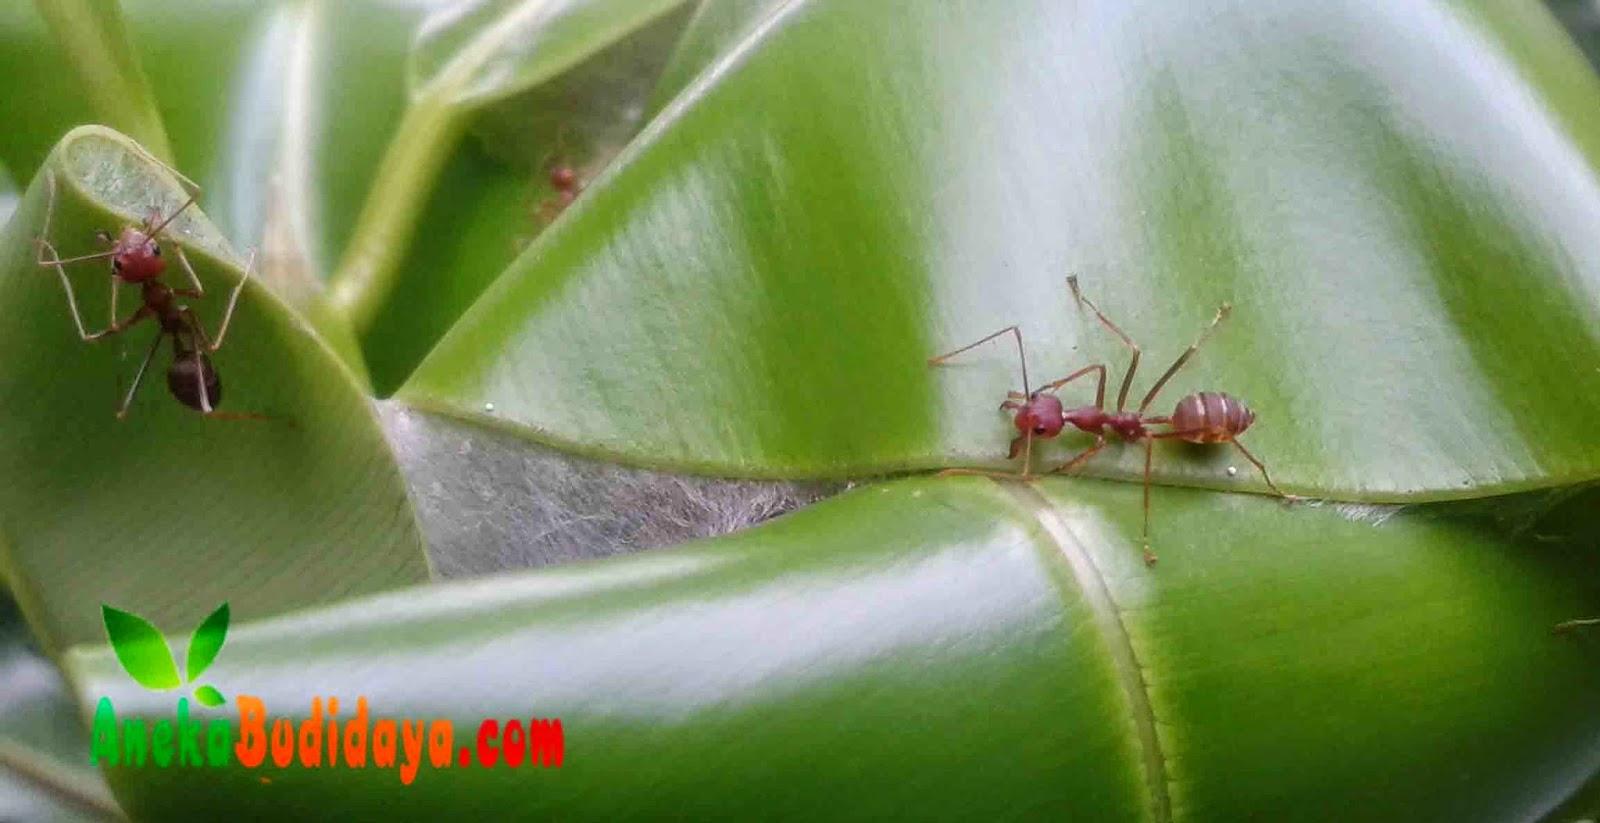 Mengenal Semut Rangrang Penghasil Kroto